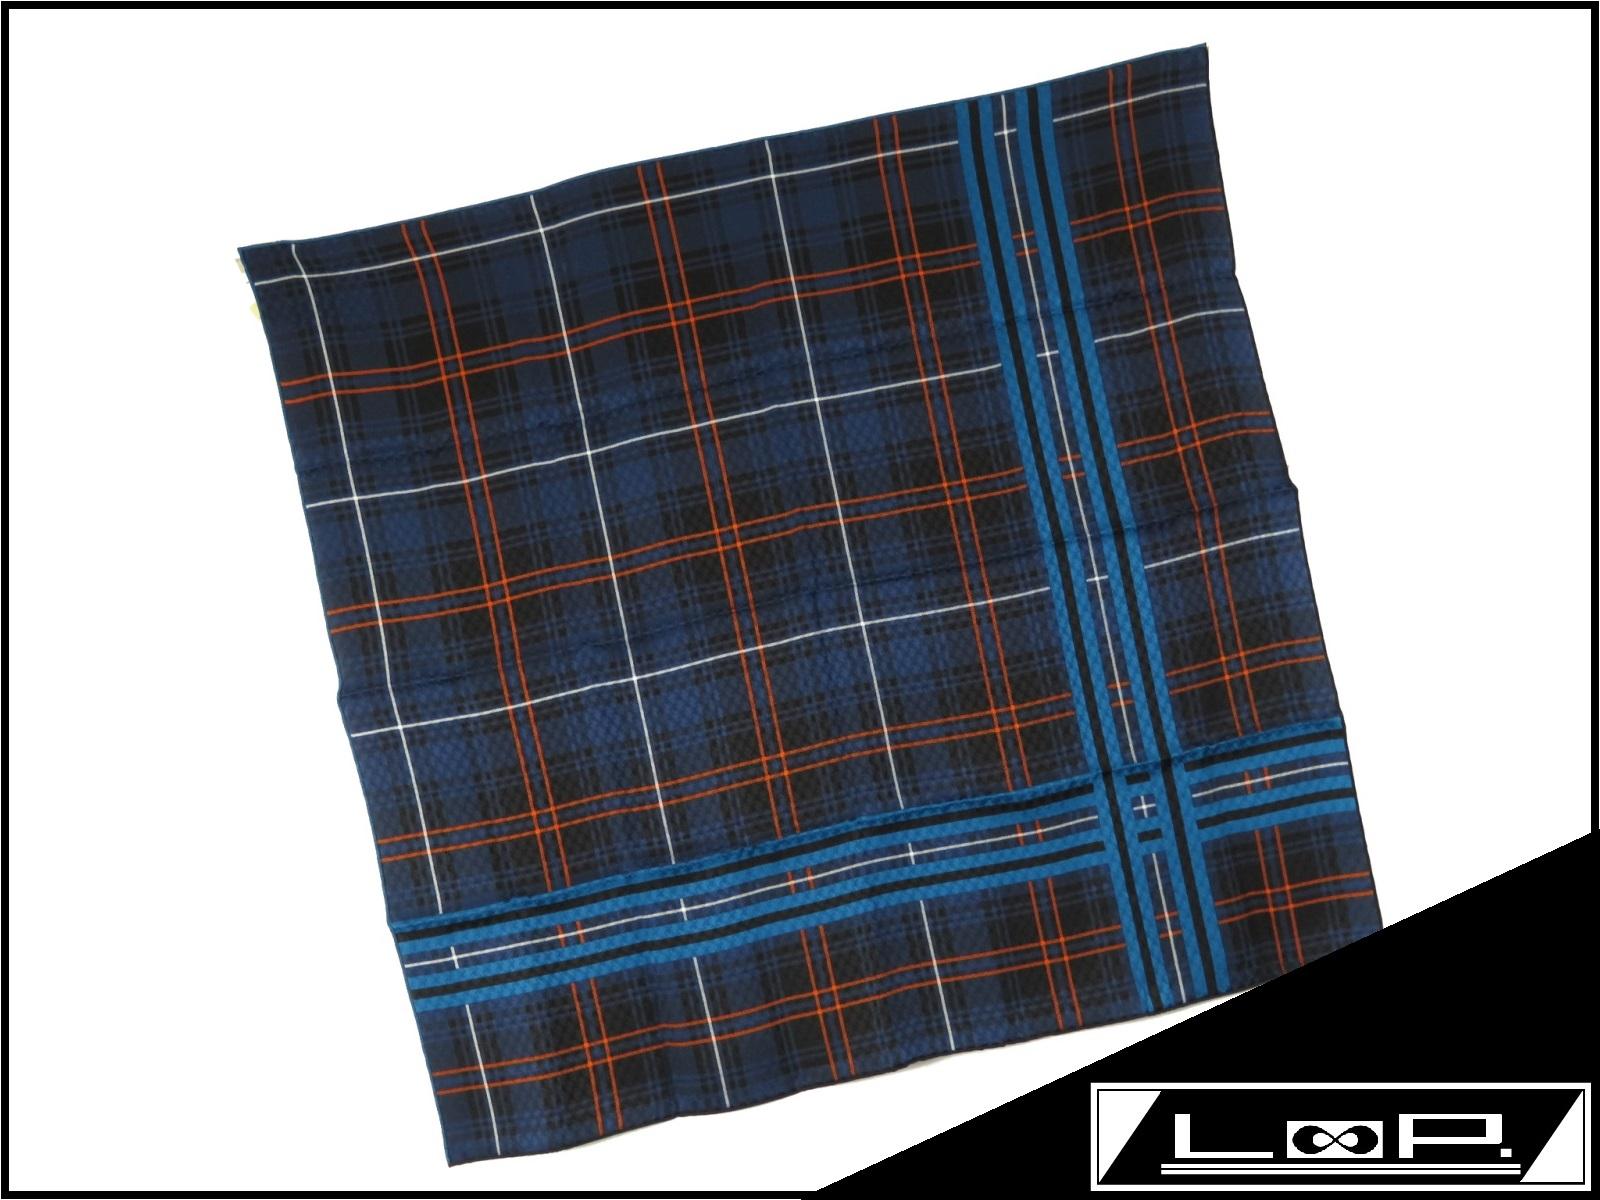 【未使用】 HERMES エルメス カレ 70 スカーフ ブルー 青 ネイビー ジャガード シルク 【A17953】 【中古】